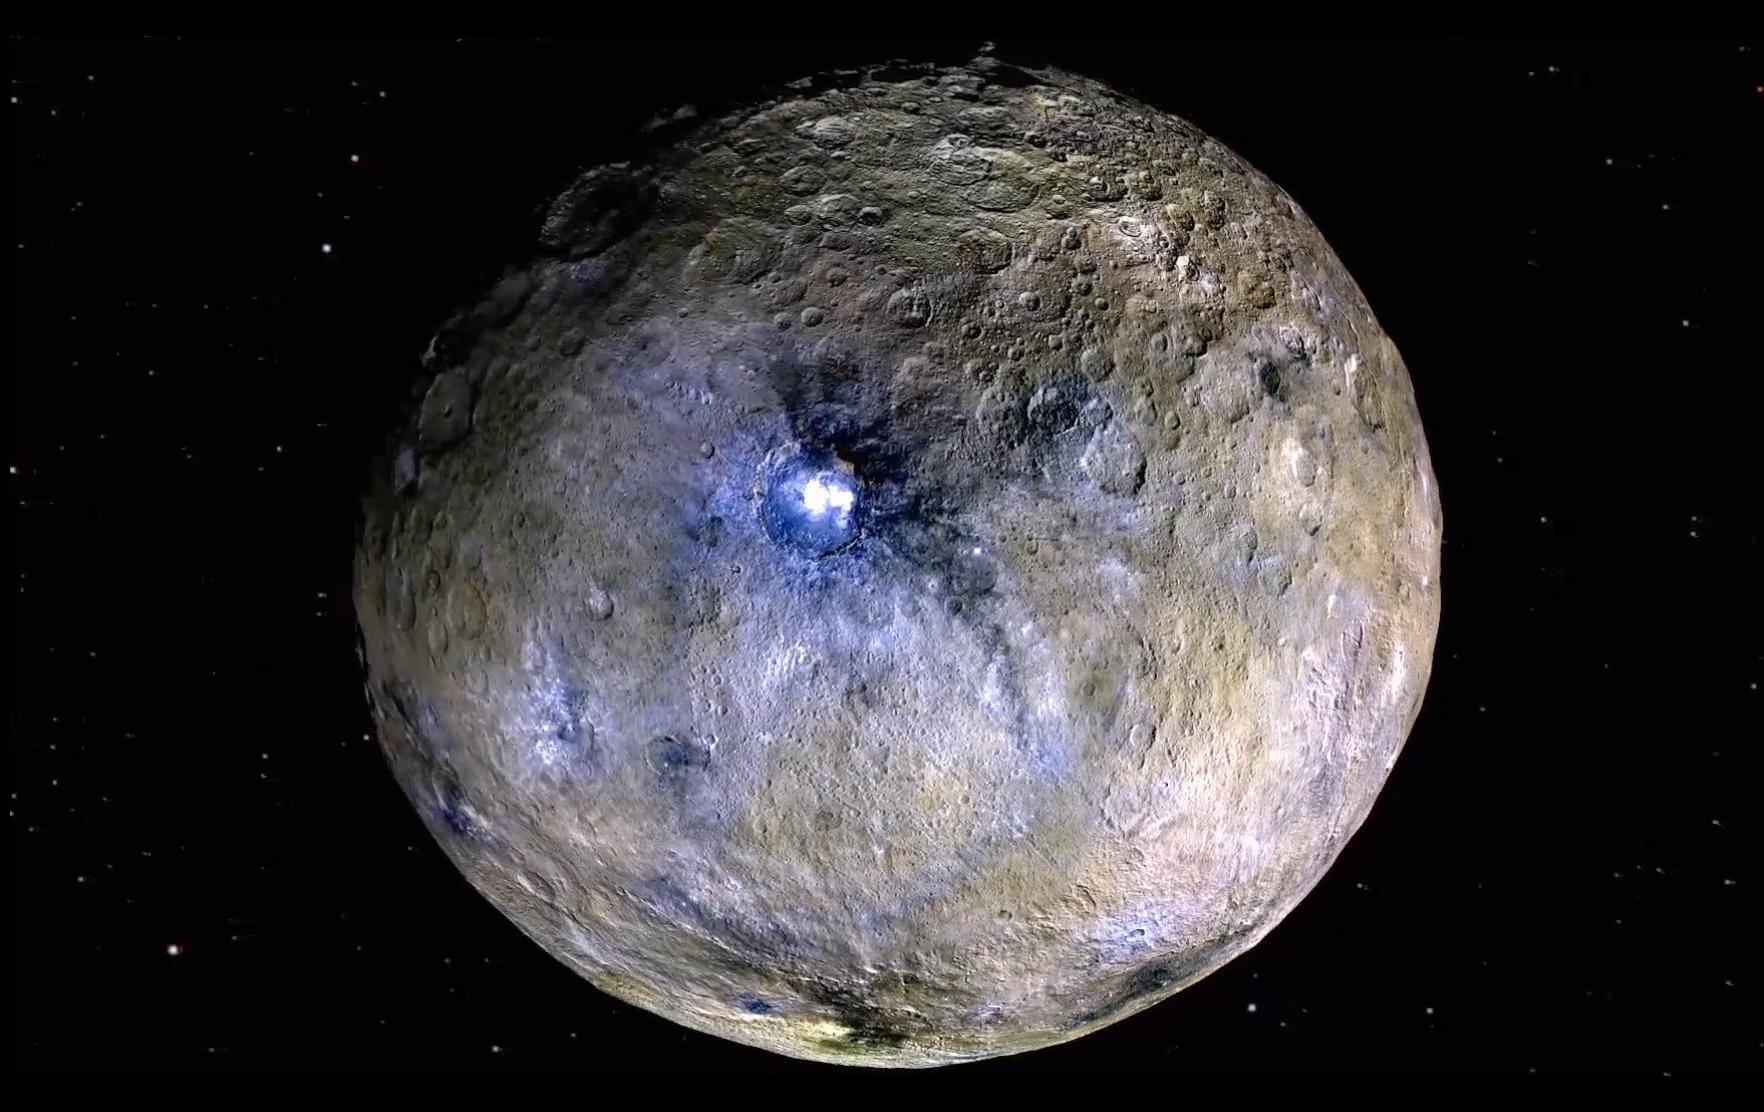 Crédito de la imagen: NASA/JPL-Caltech/UCLA MPS/DLR/IDA